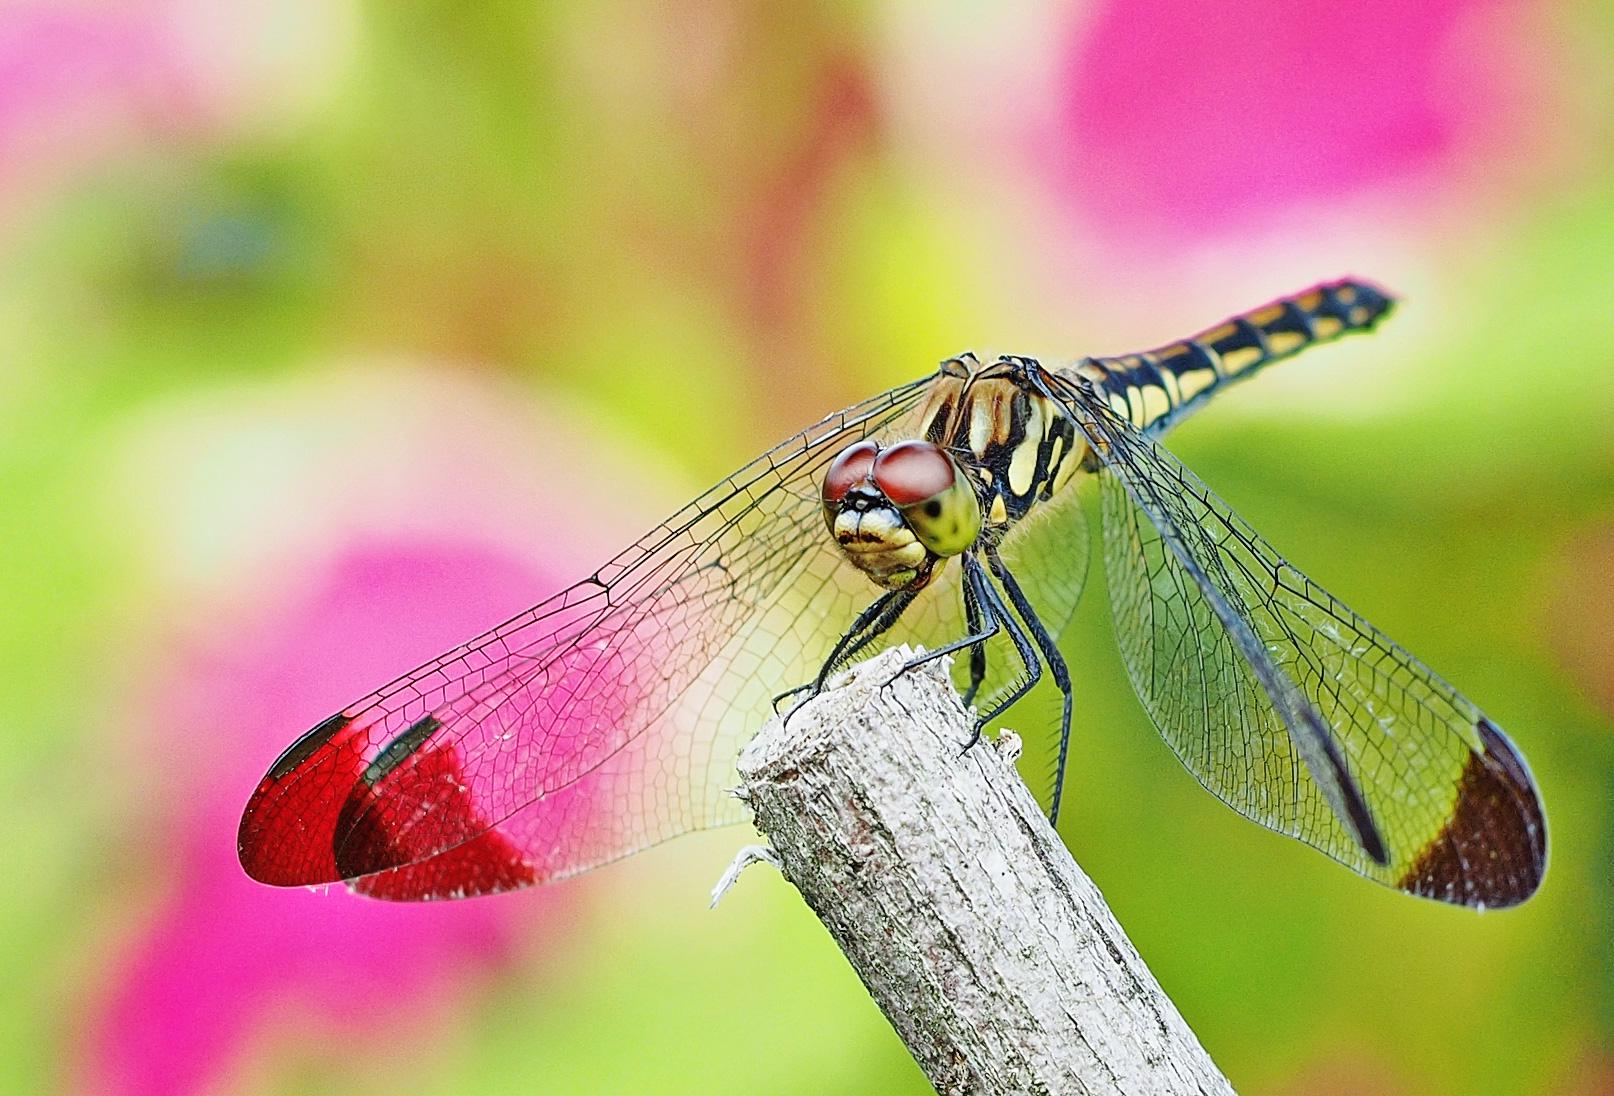 写真のコントラストについて考えてみよう 昆虫をコントラスト強めで撮ってみる